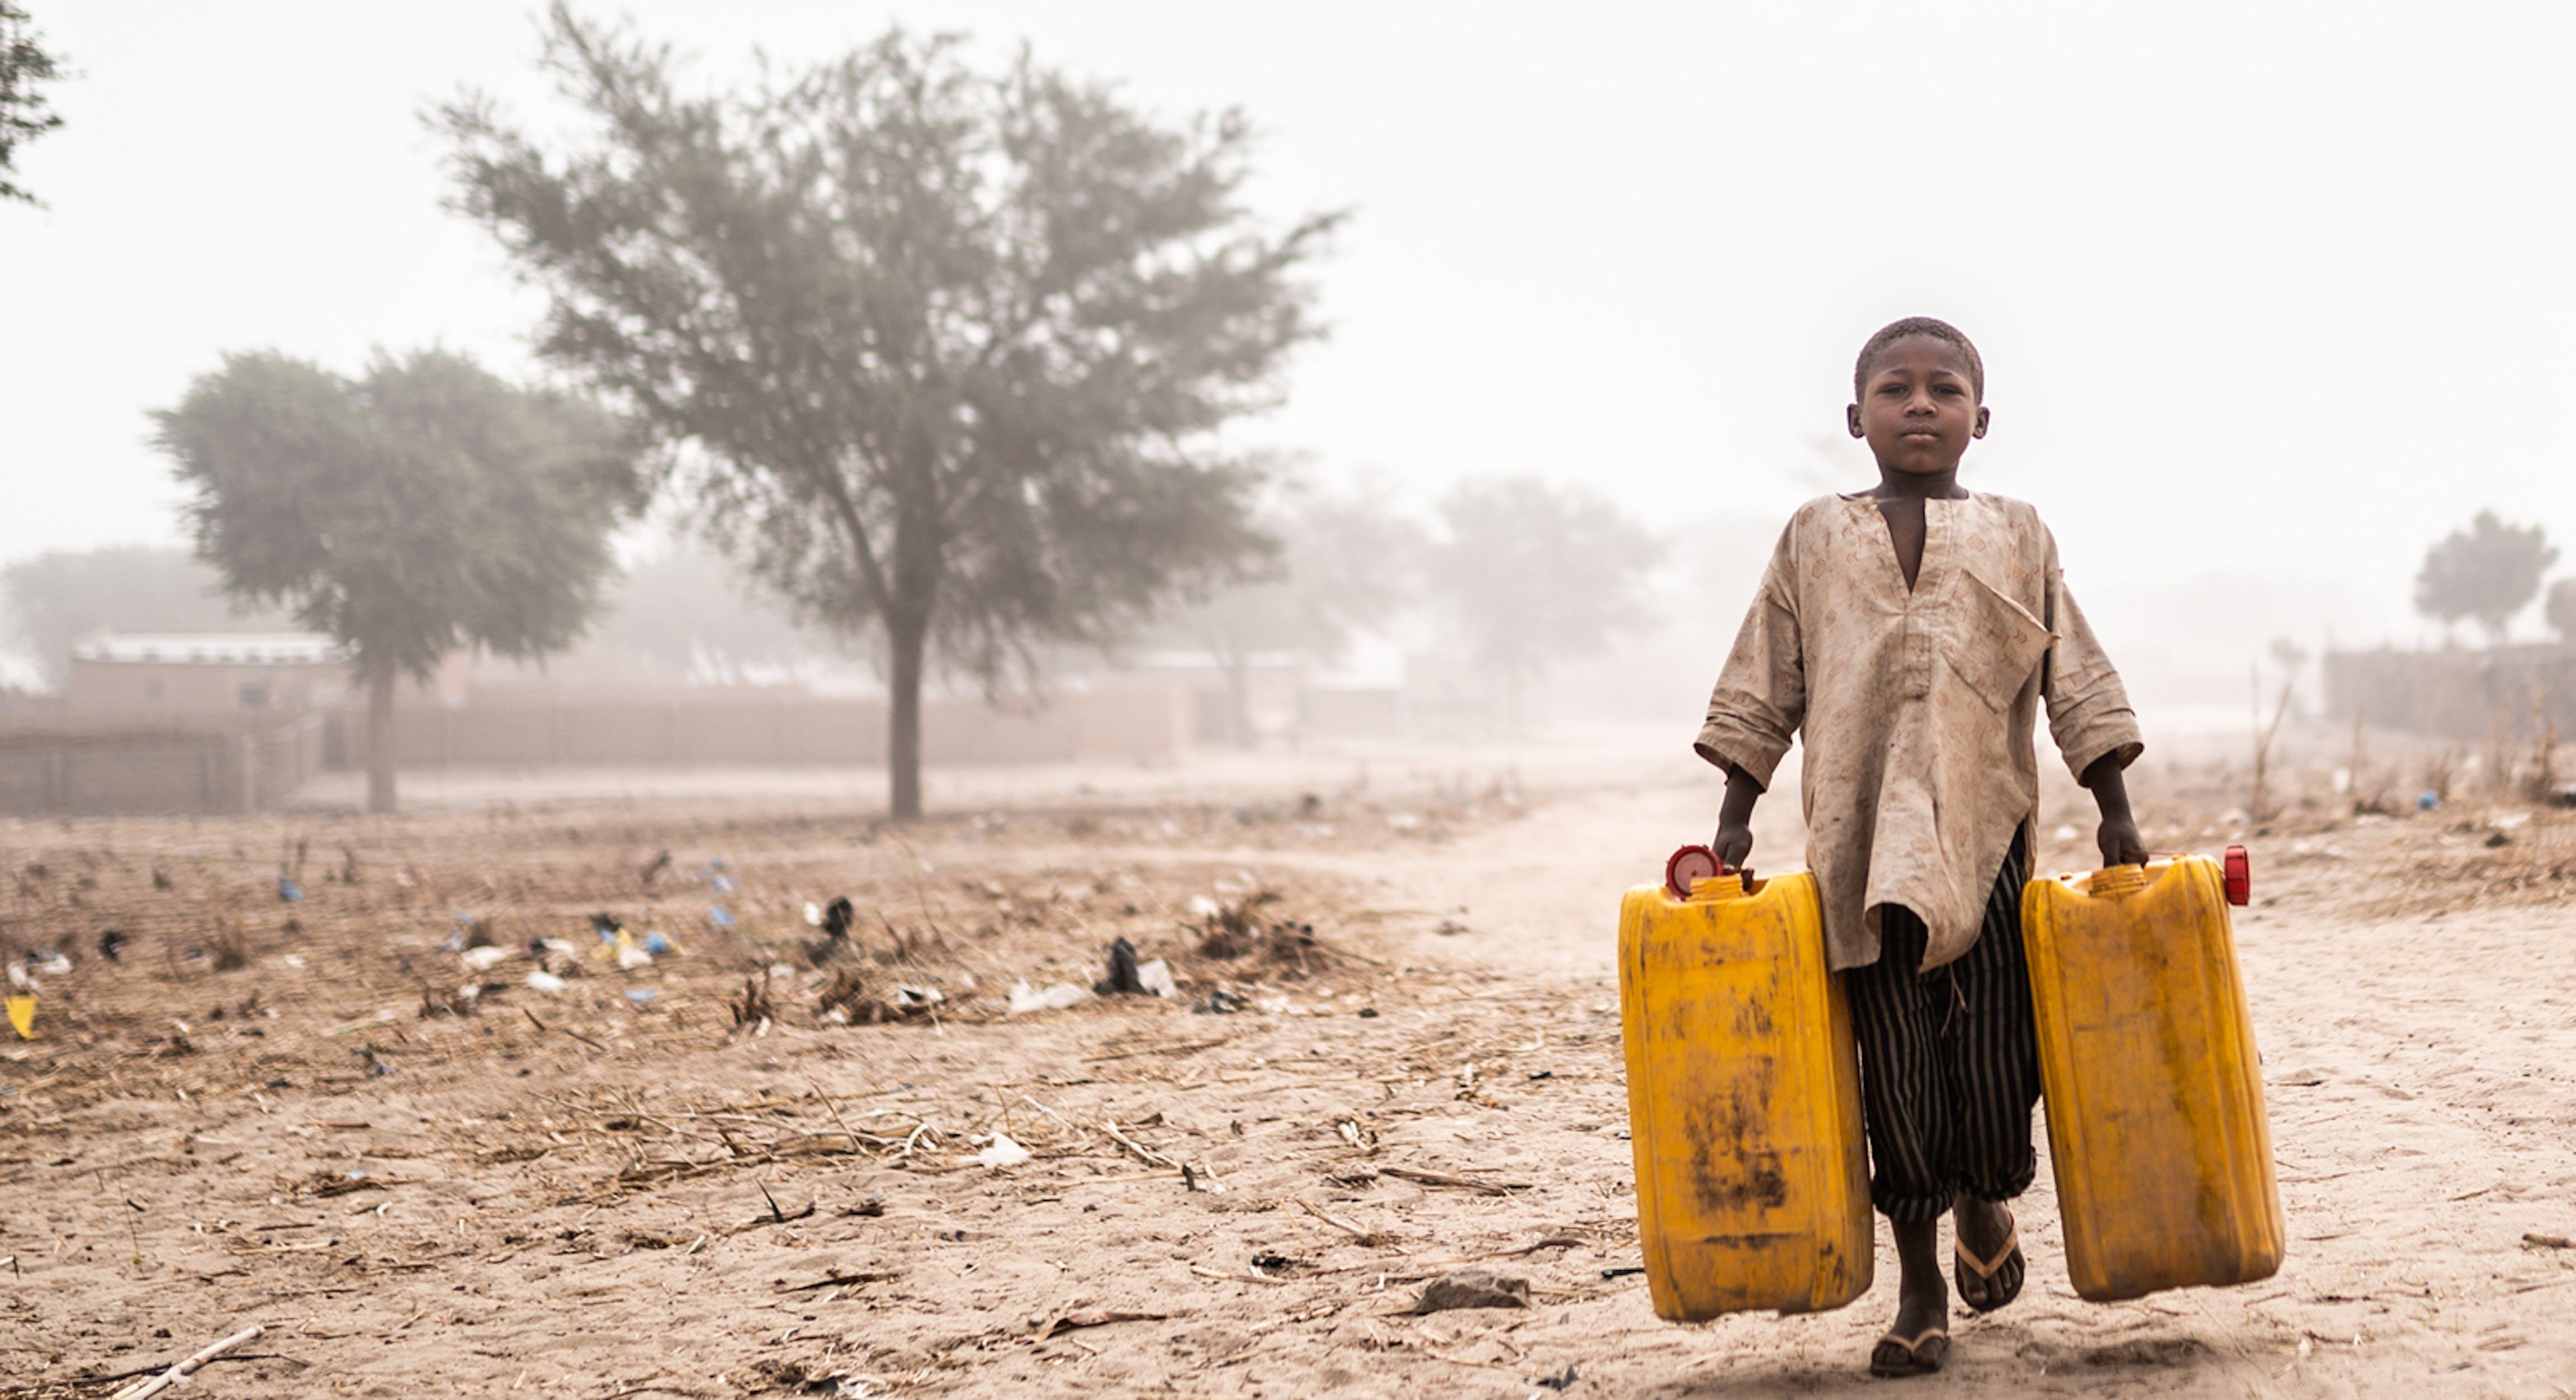 Senza acqua si muore aiutaci a portare acqua dove non c'è